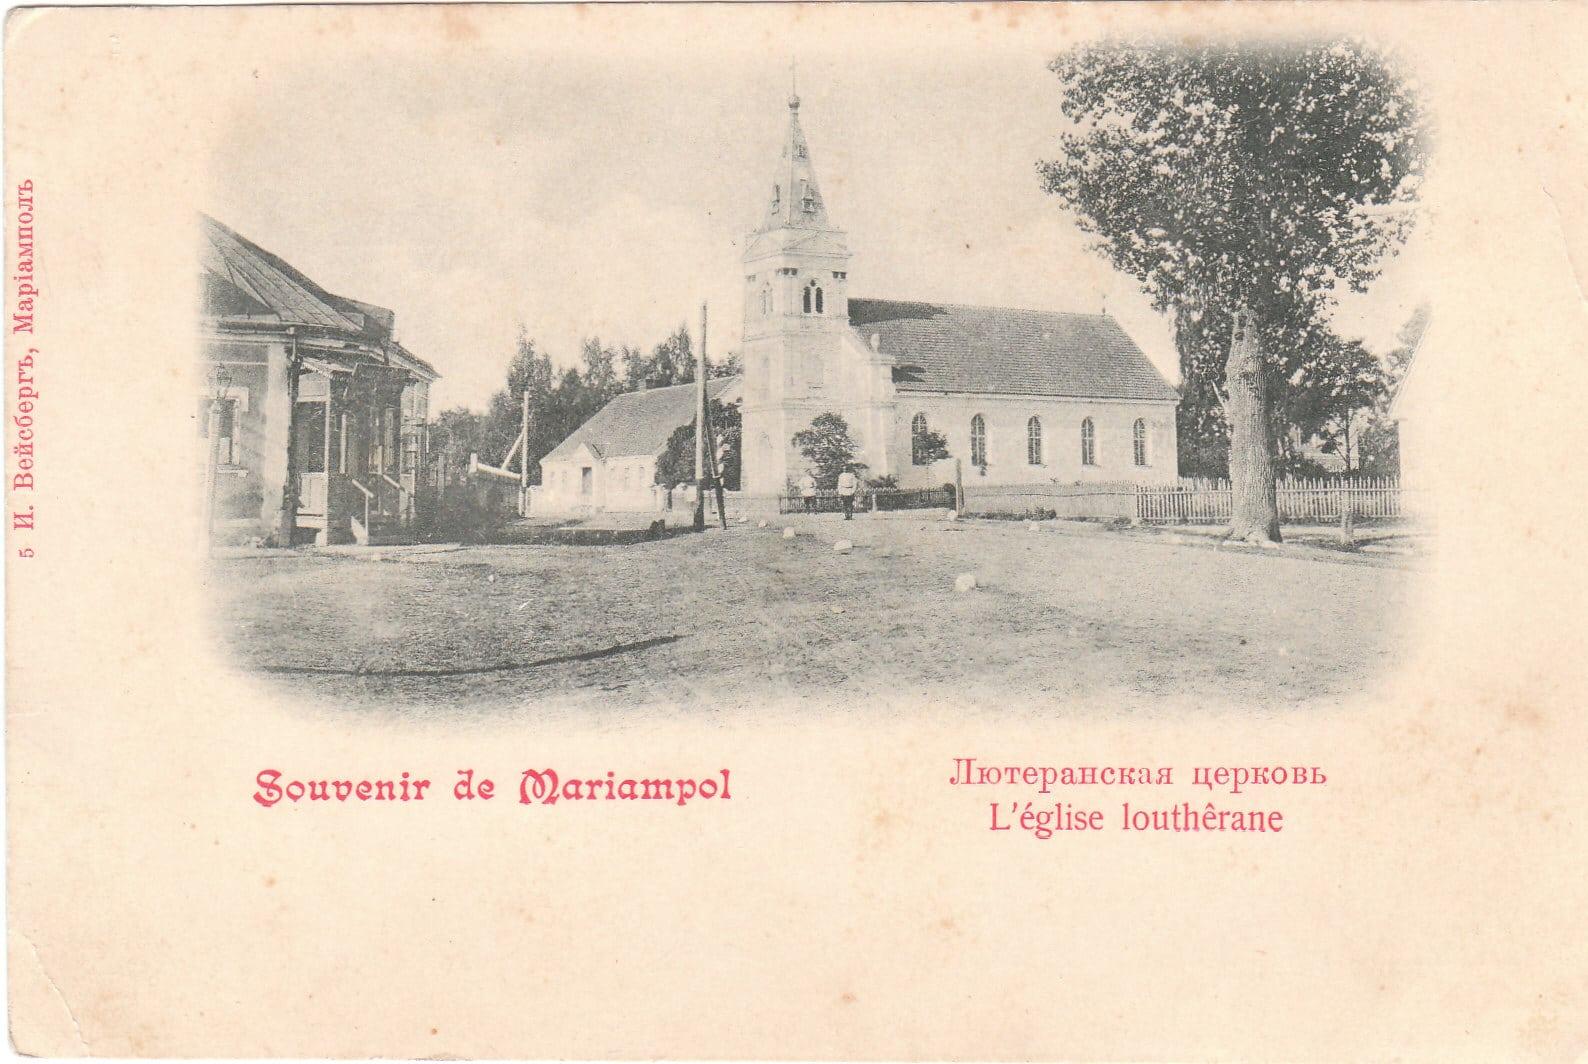 Evangelikų liuteronų bažnyčia ir mokykla (pastatyti XIX amžiaus pirmoje pusėje)